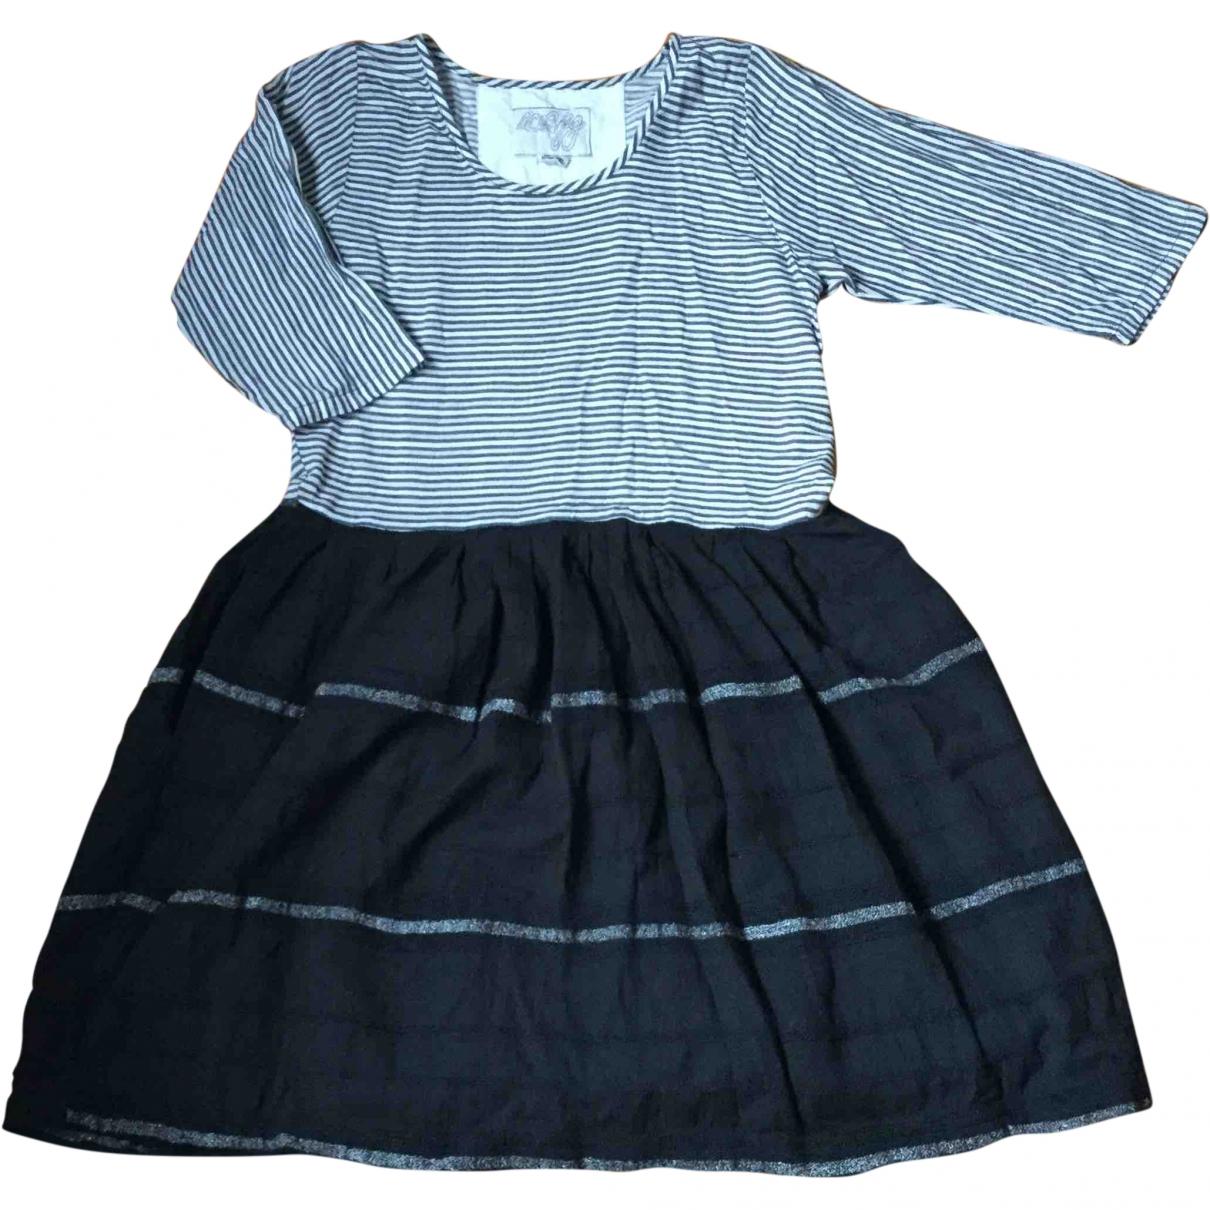 Ace & Jig \N Kleid in Baumwolle